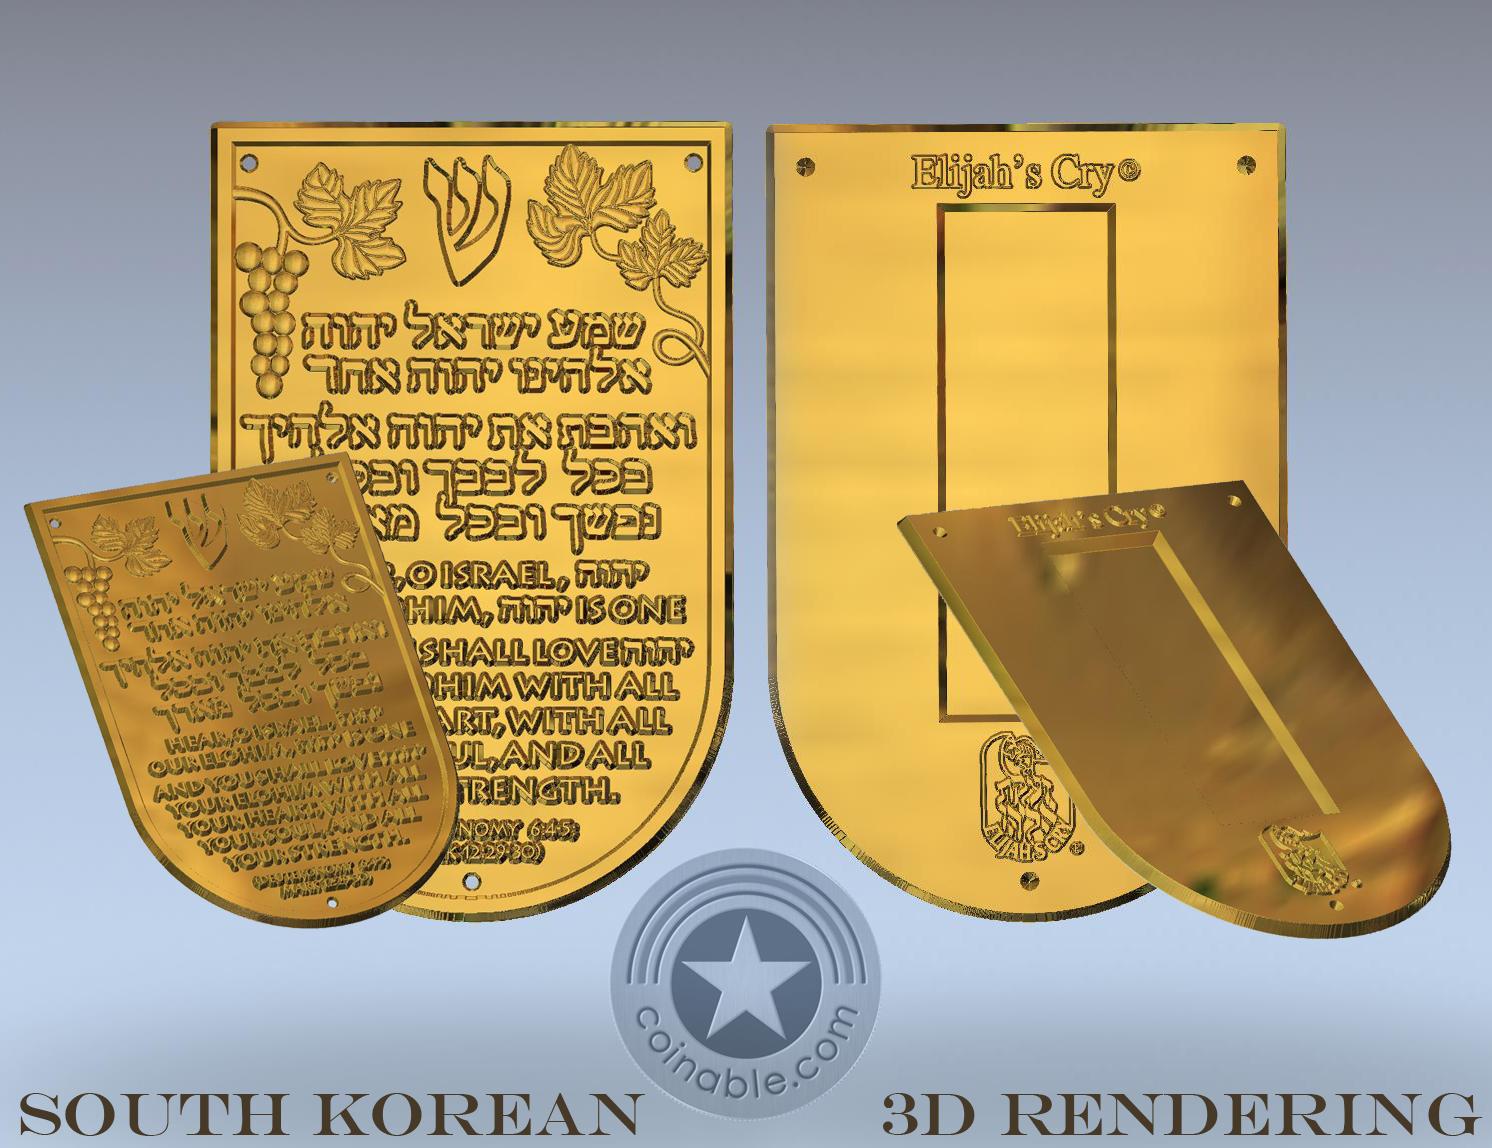 Elijahscry-3D-rendering-South-Korean-Custom-Coins